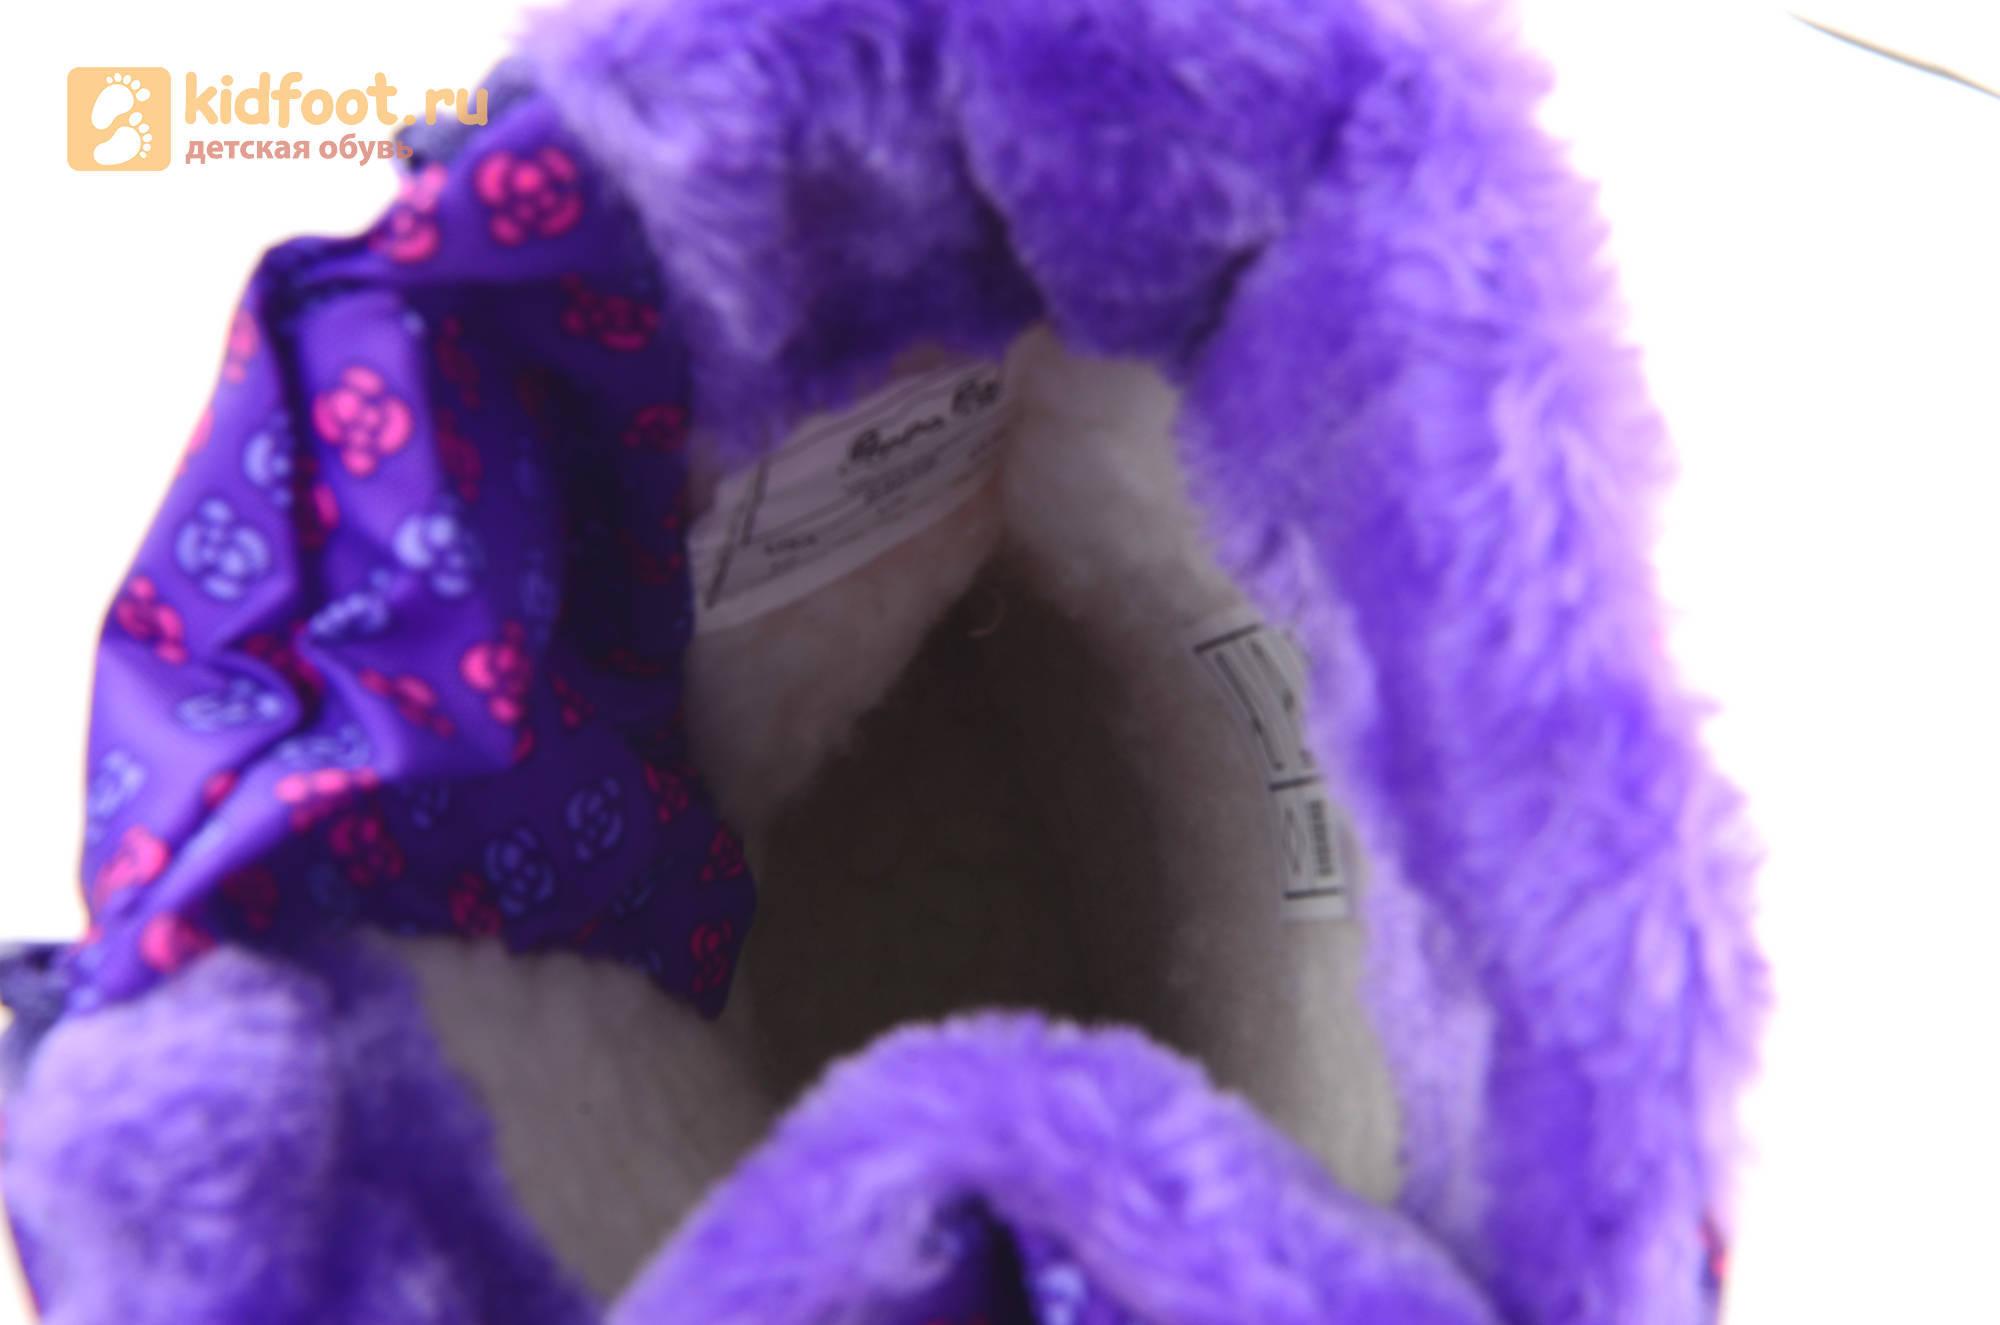 Зимние сапоги для девочек непромокаемые с резиновой галошей Свинка Пеппа (Peppa Pig), цвет сиреневый, Water Resistant